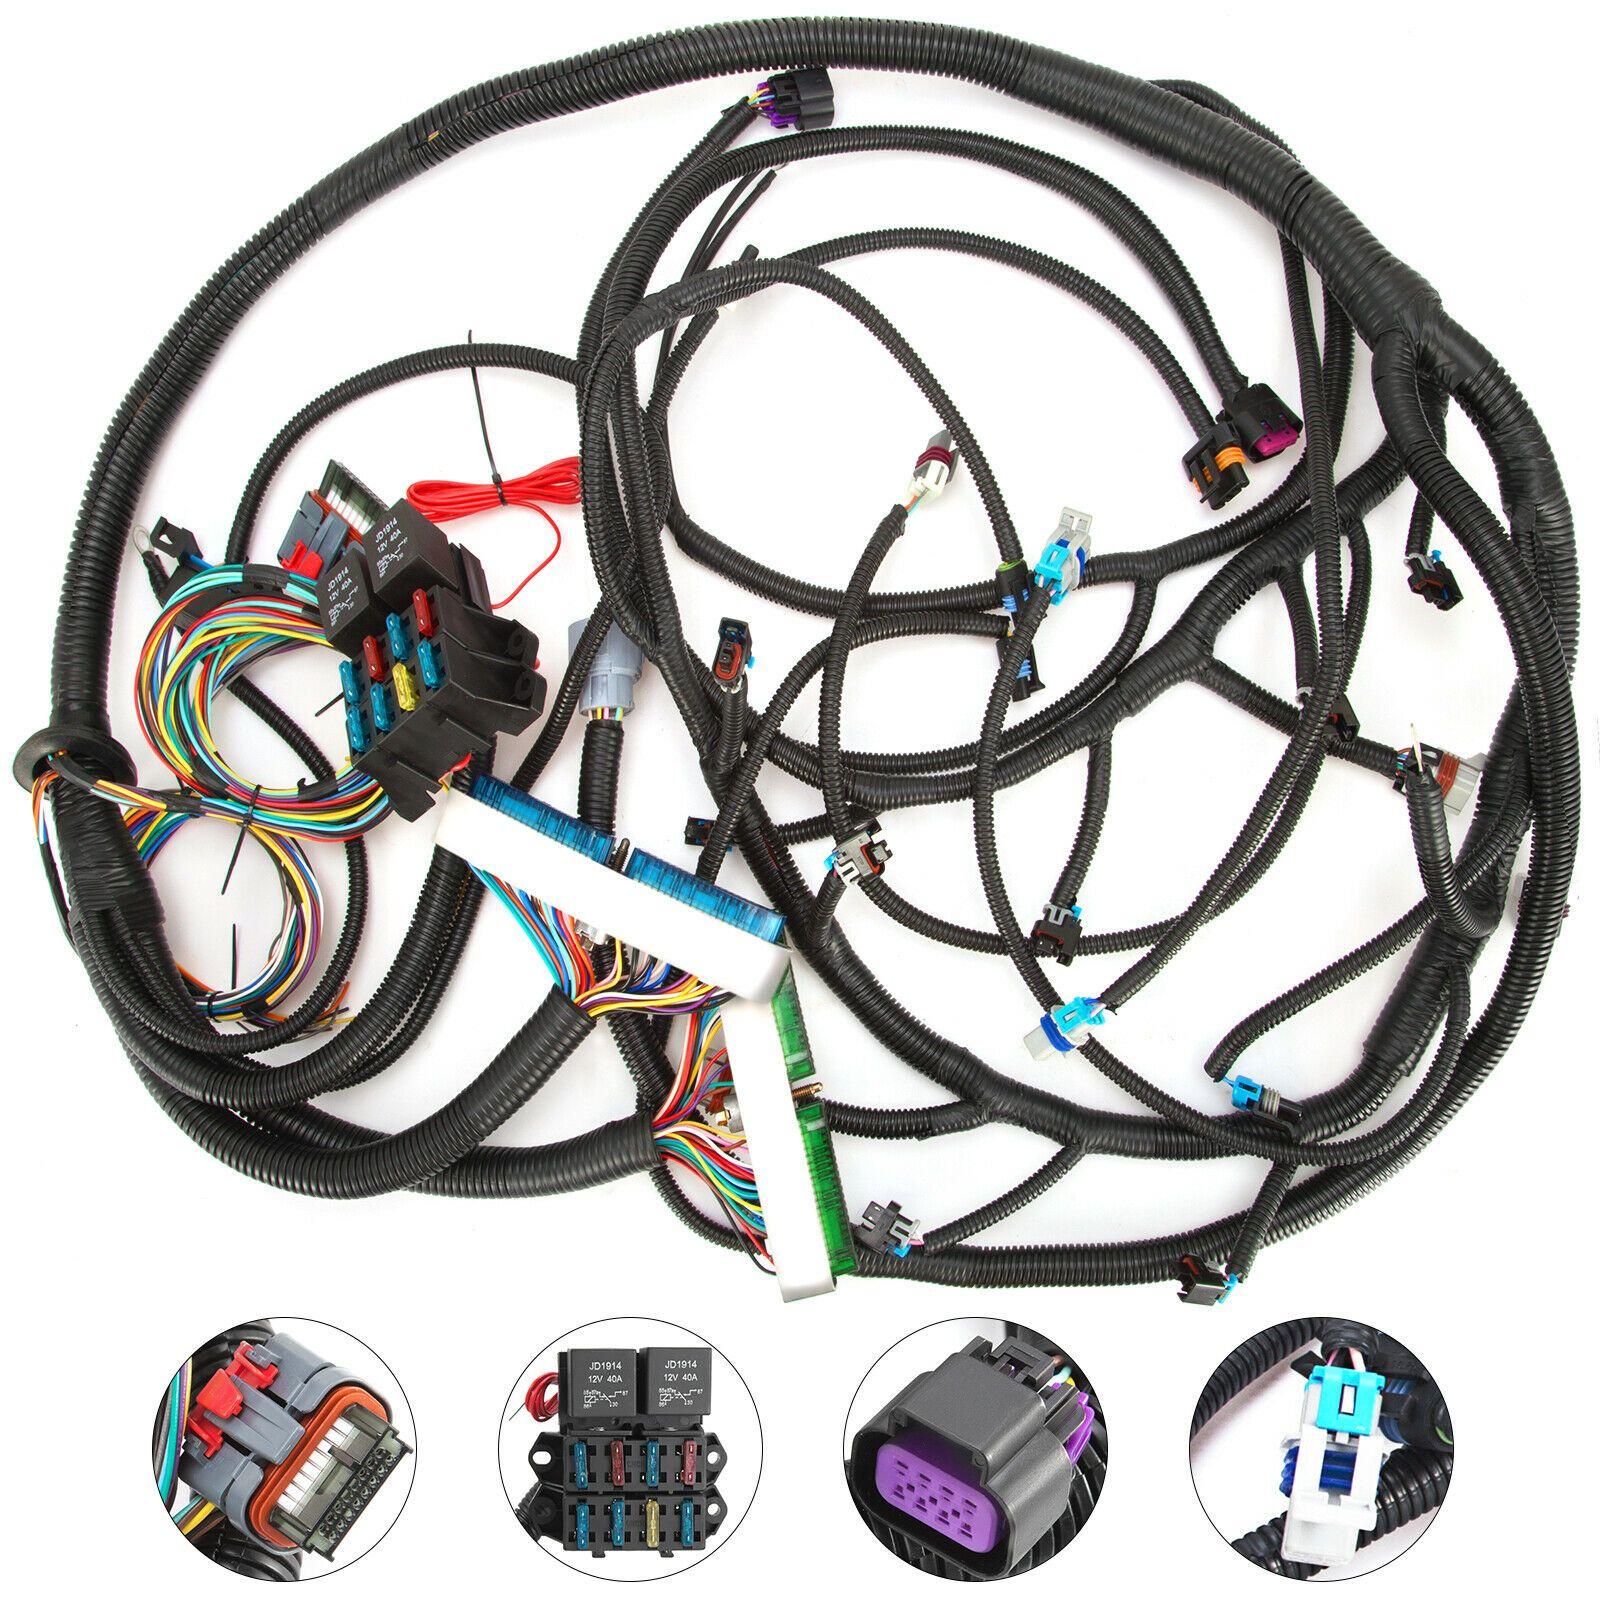 Vortec Wiring Harness In 2020 Harness Ebay Wire